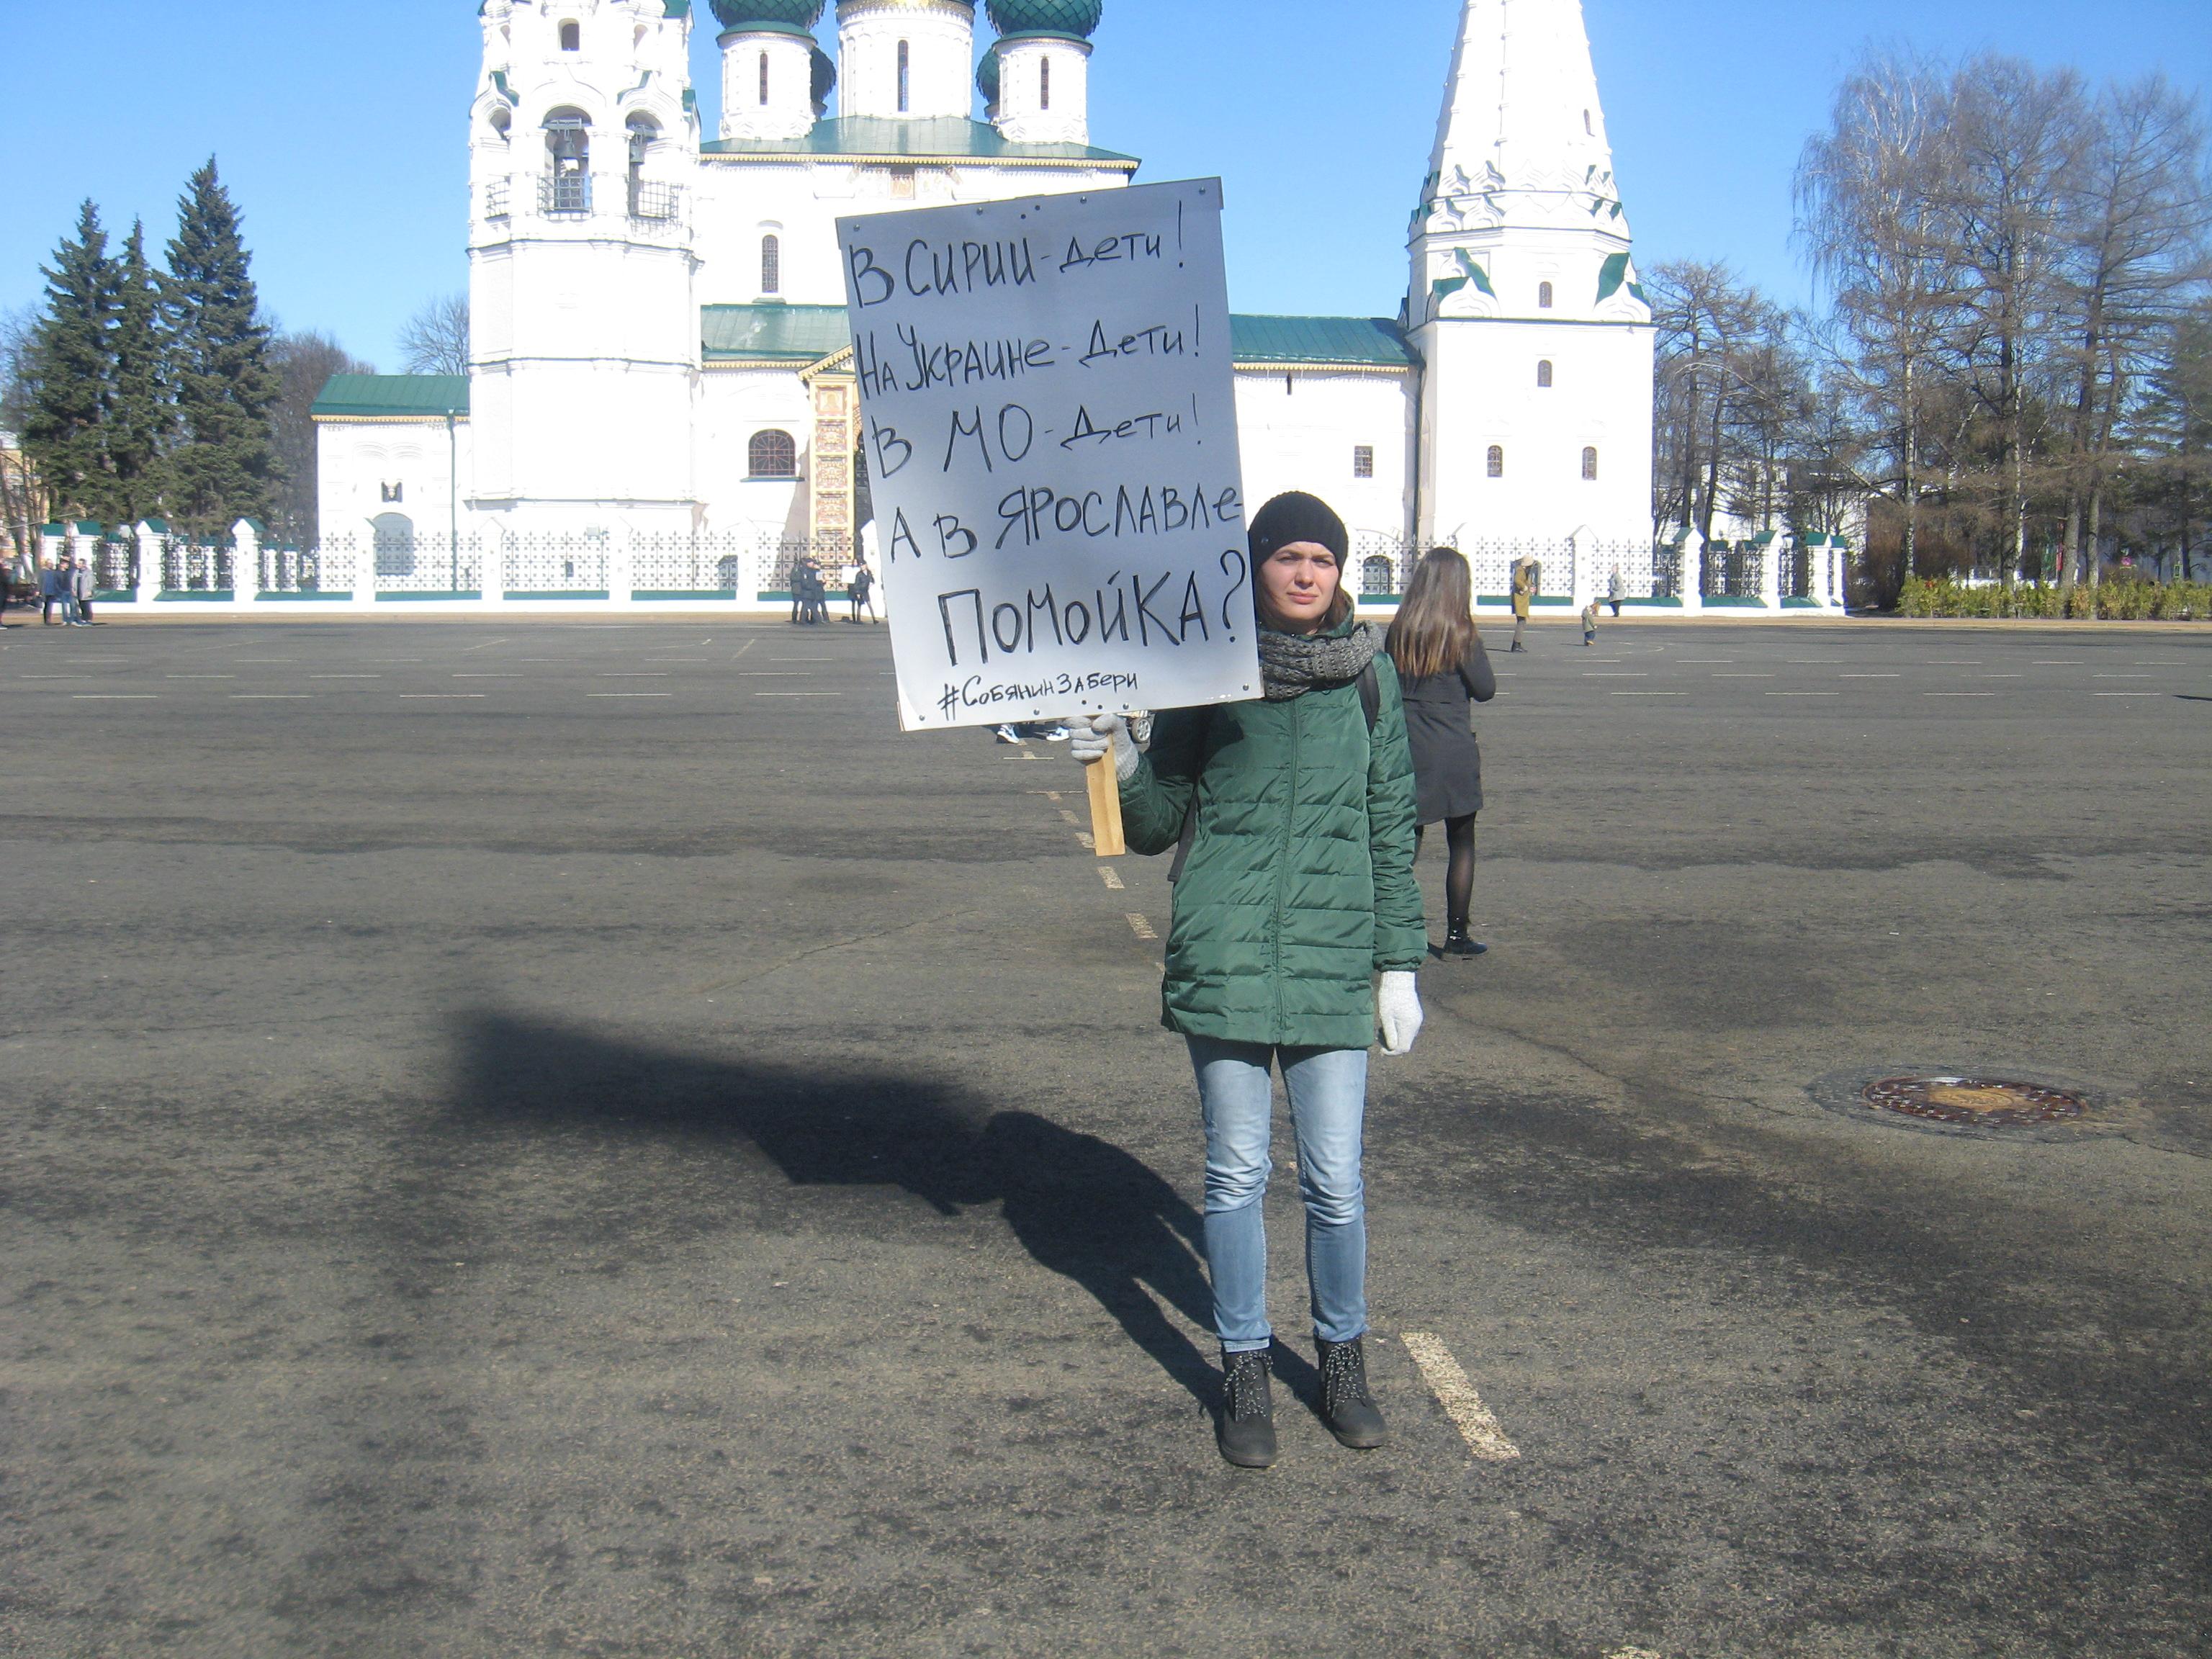 Ярославль — не помойка!